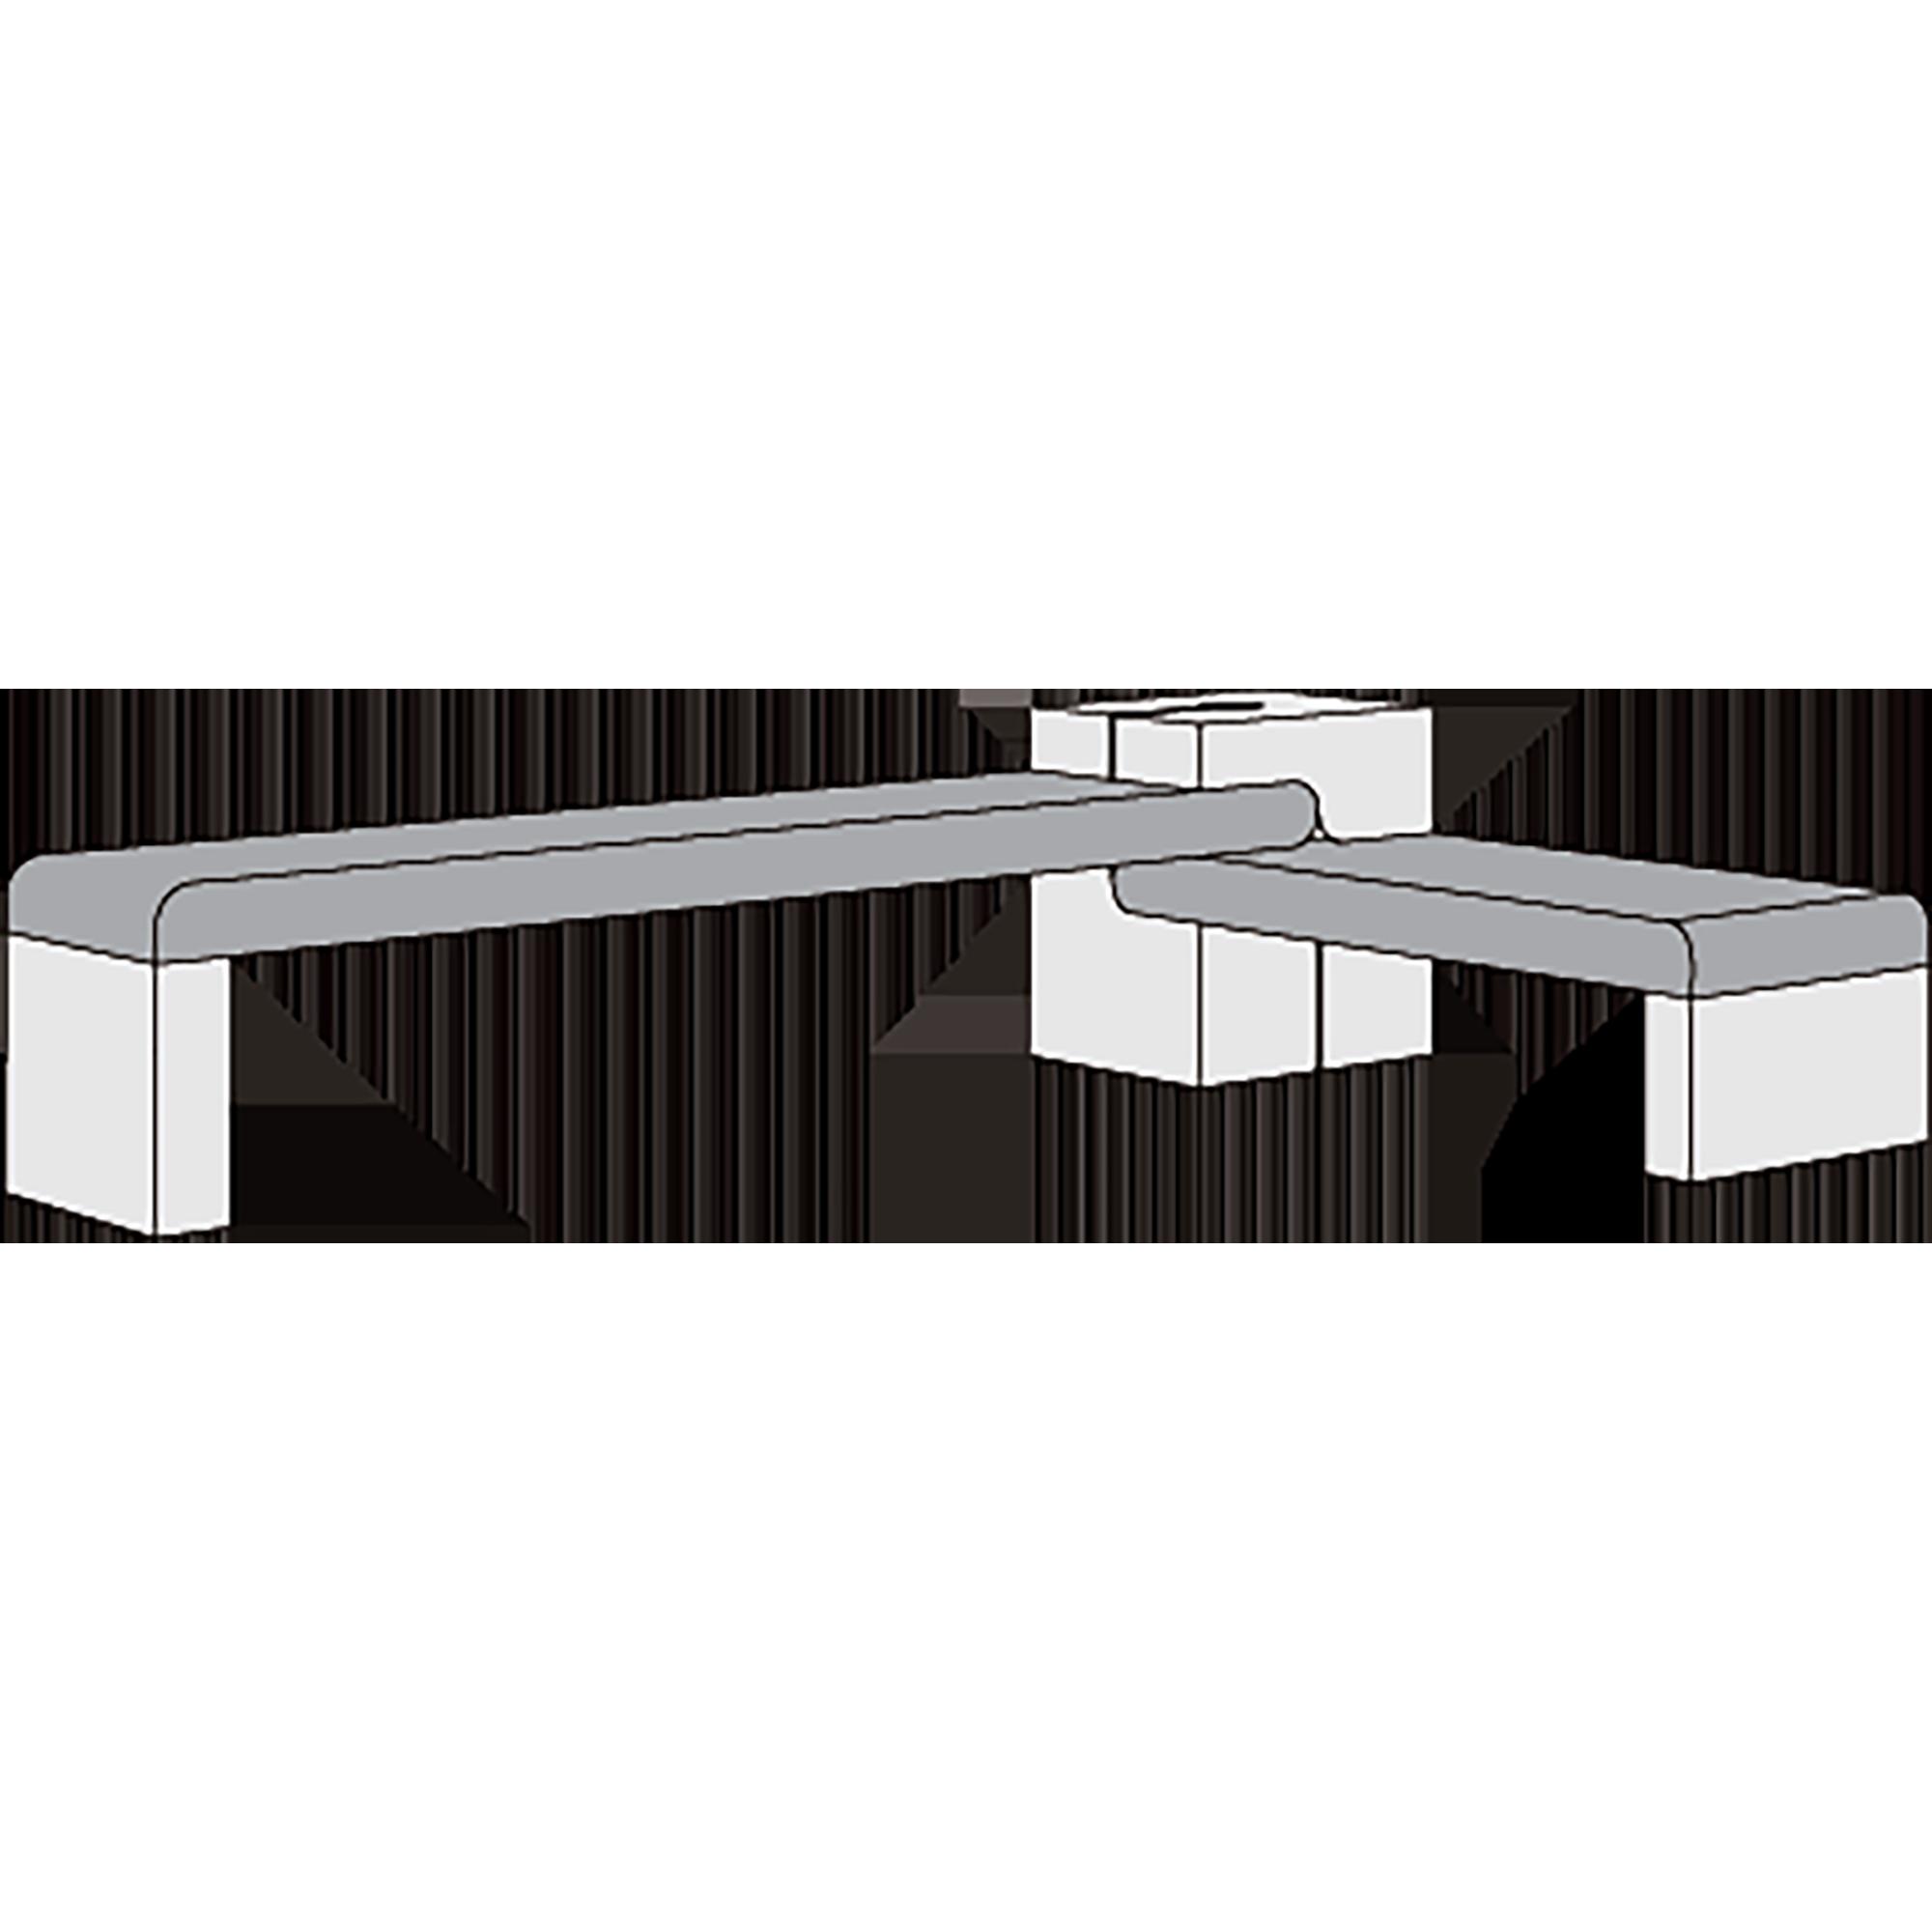 Kuzkotopia composizione schema 2